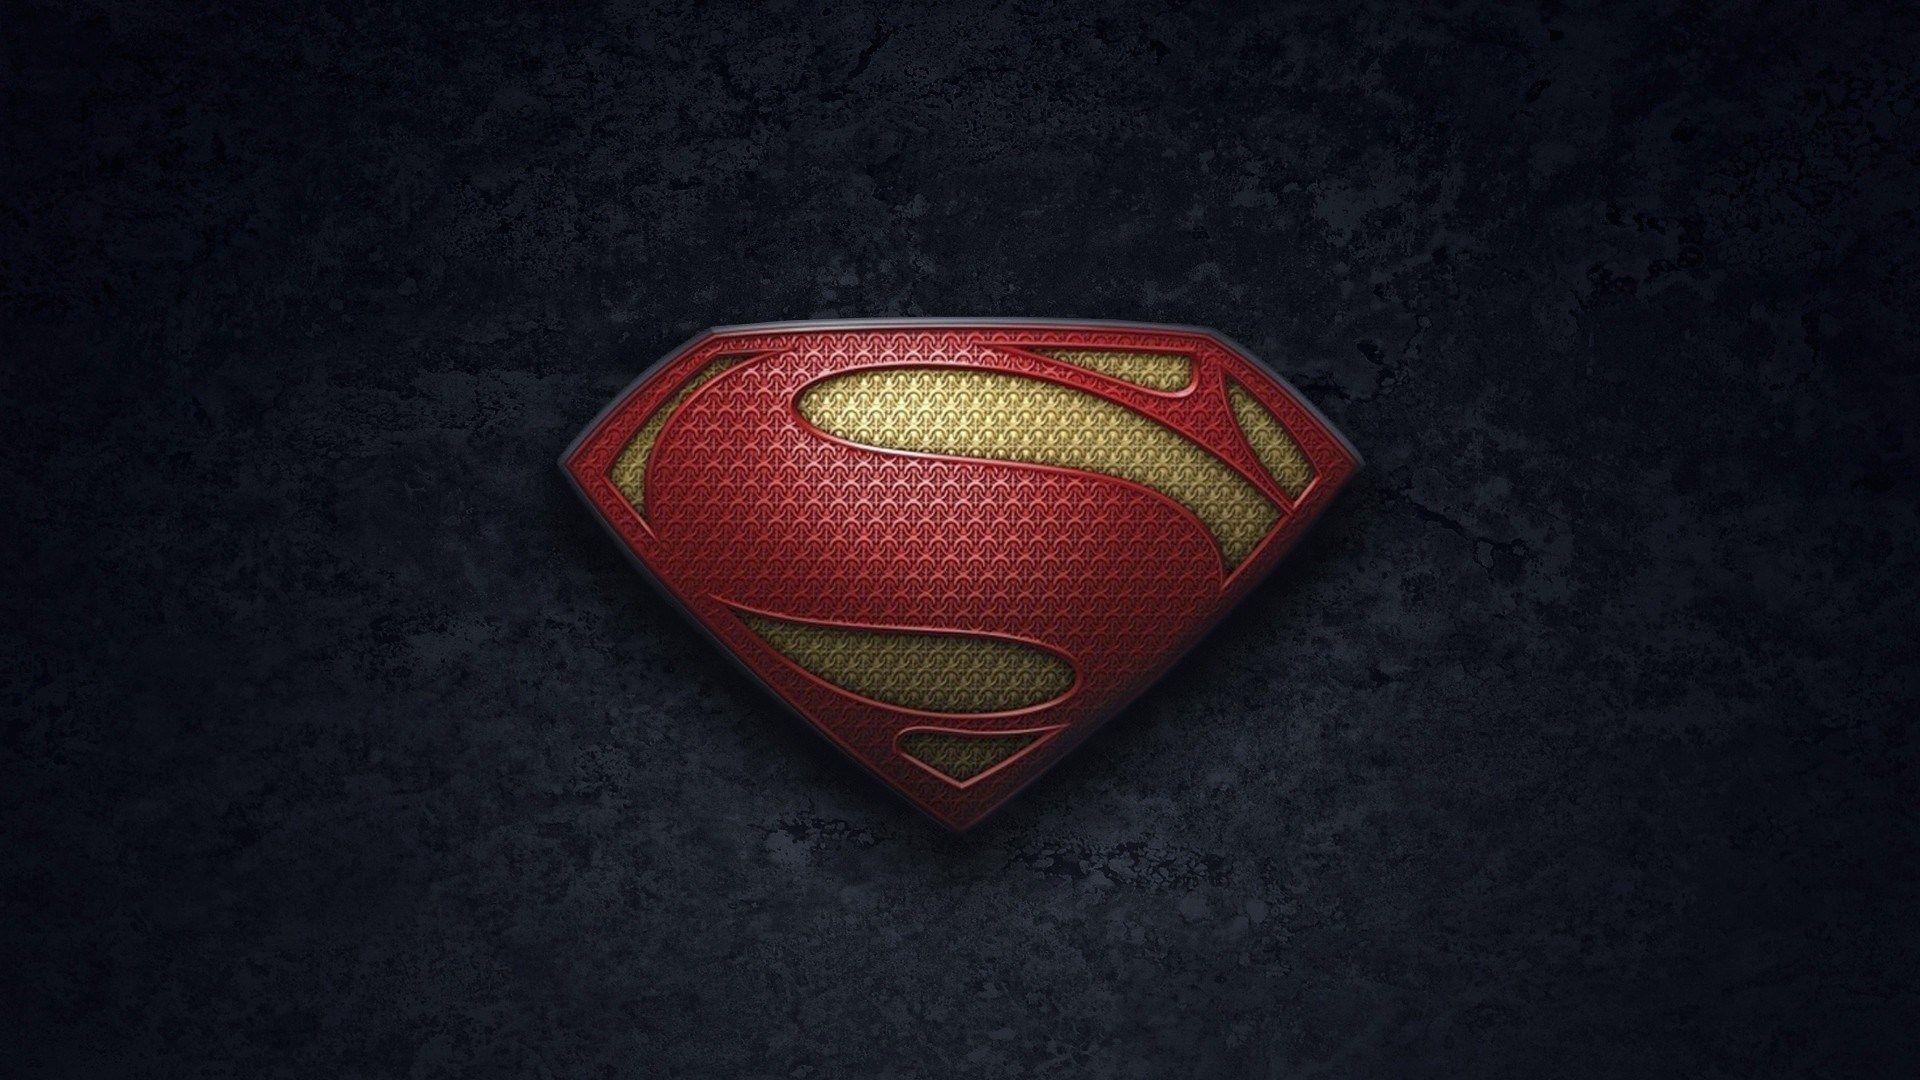 Superman Logo iPhone Wallpaper HD – WallpaperSafari